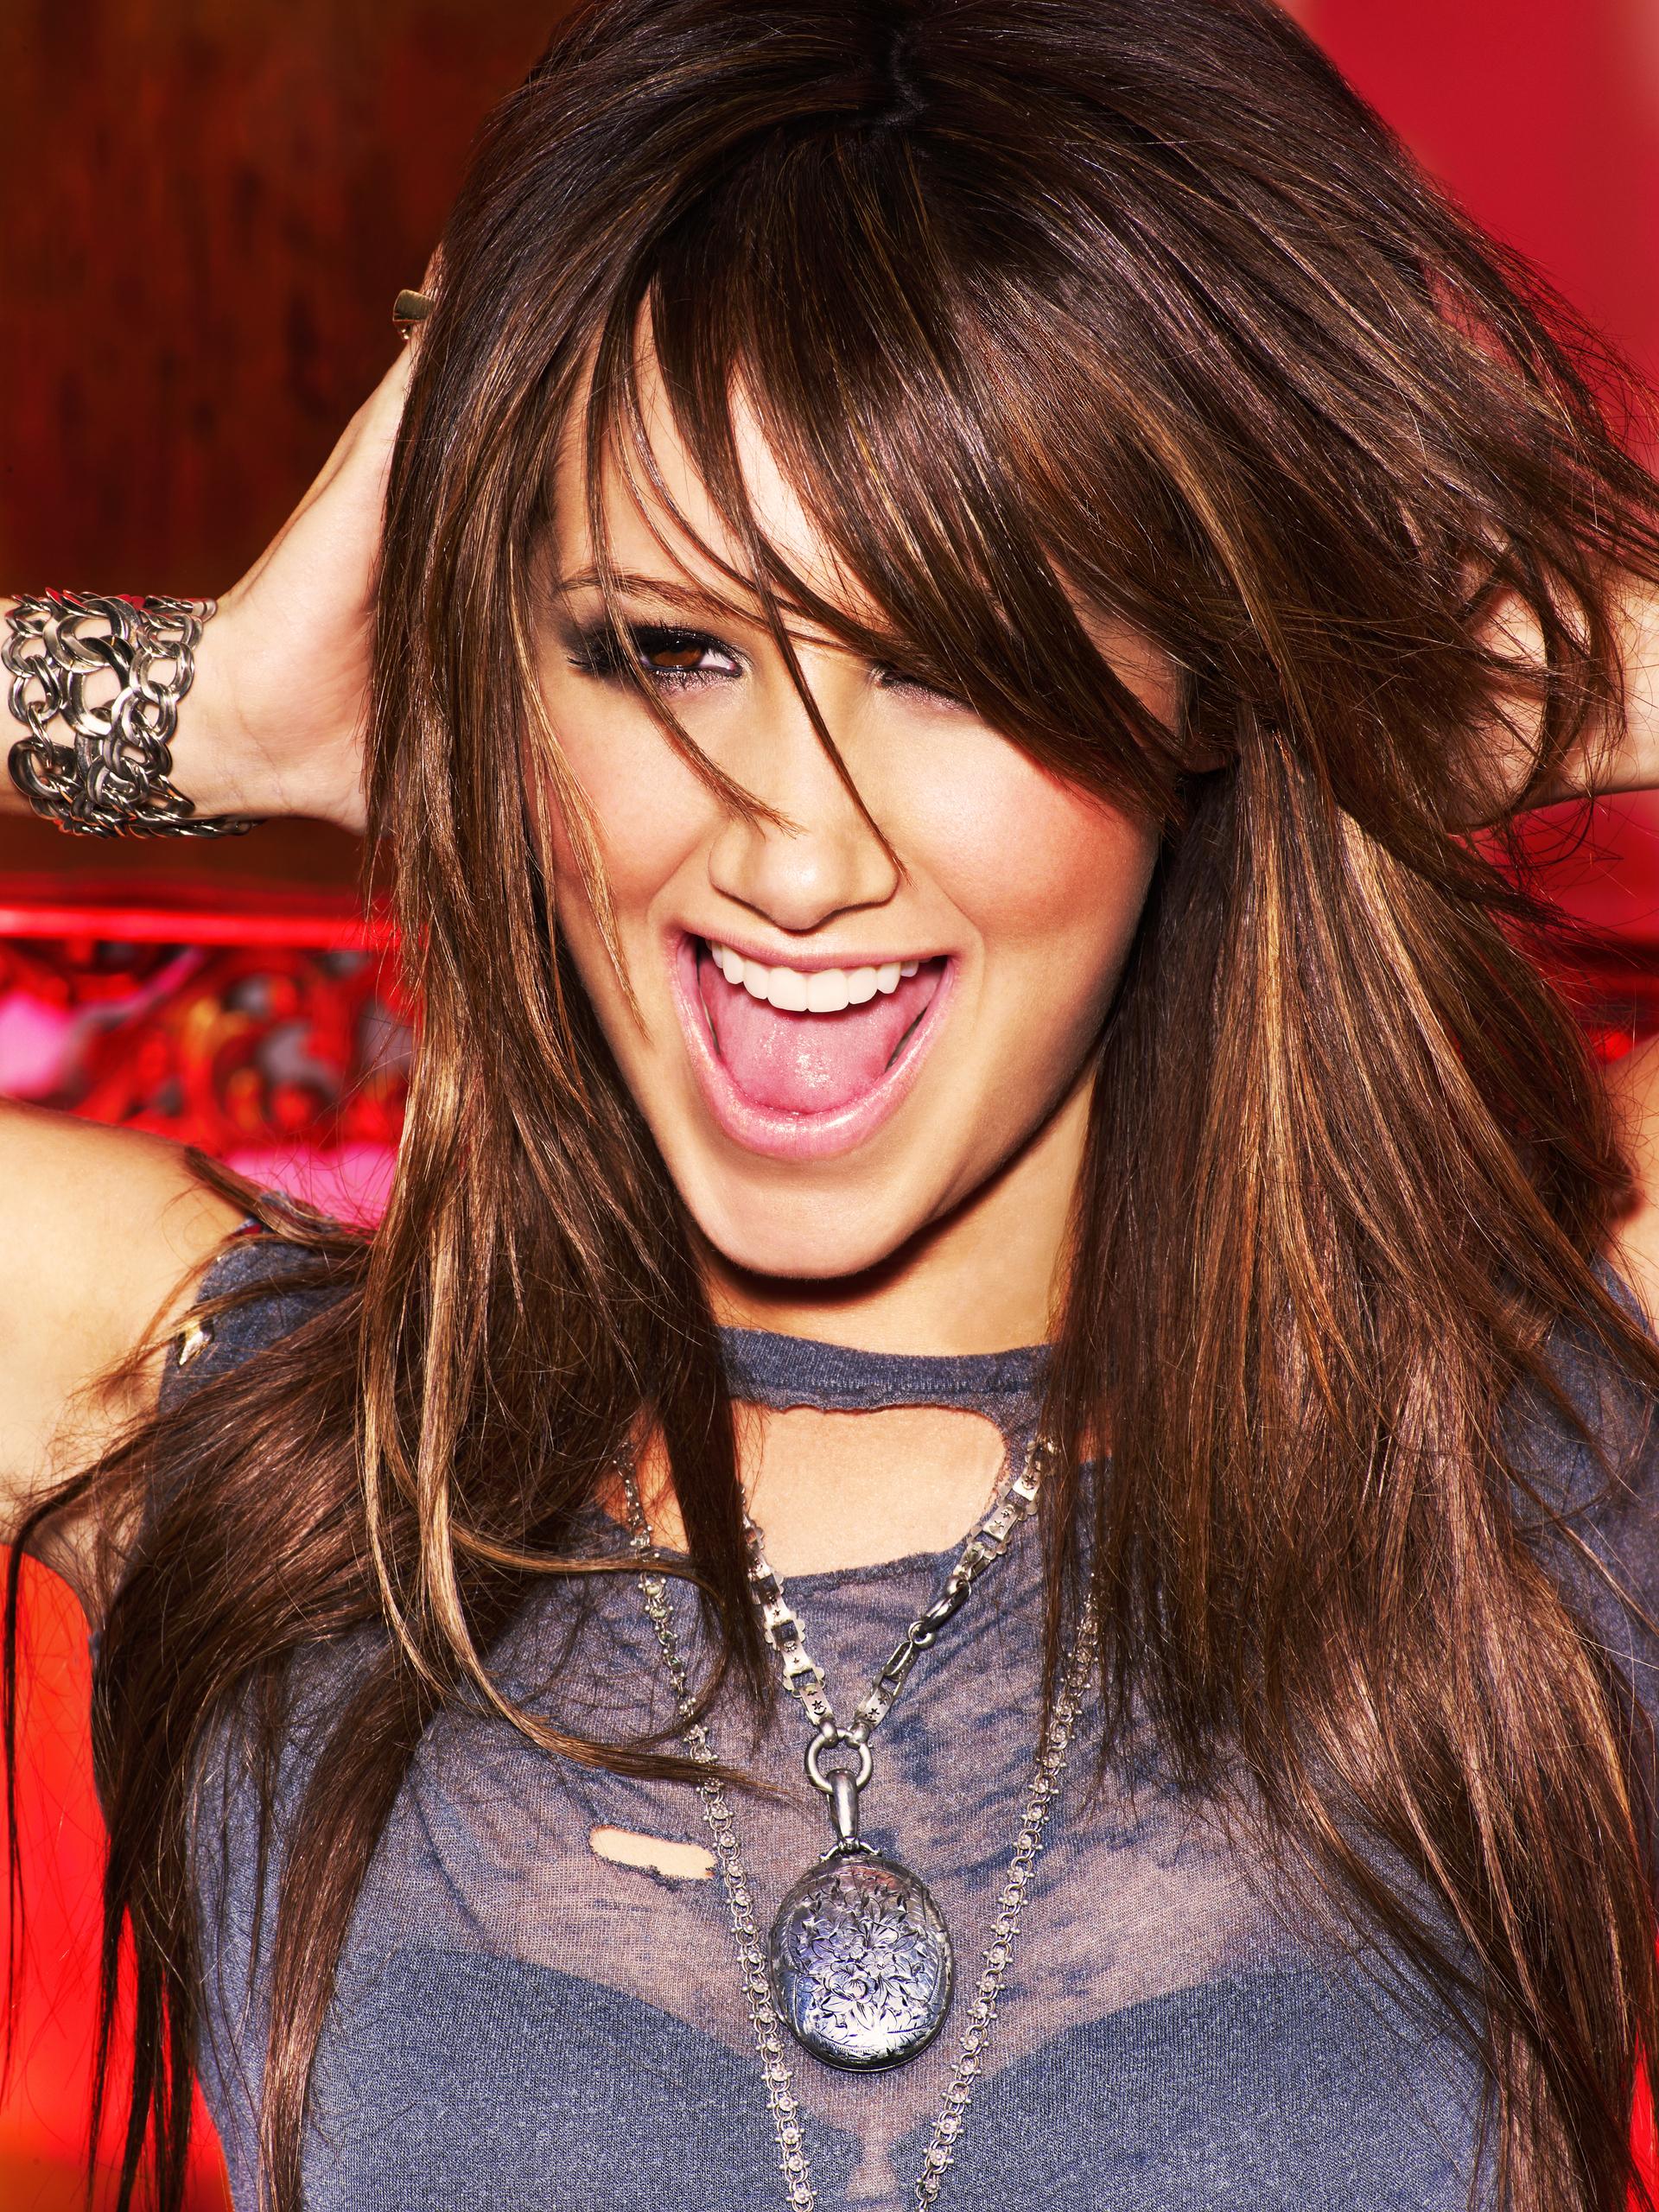 Ashley Tisdale 2009 - Roberto D'Este (Guilty Pleasure) [HQ]